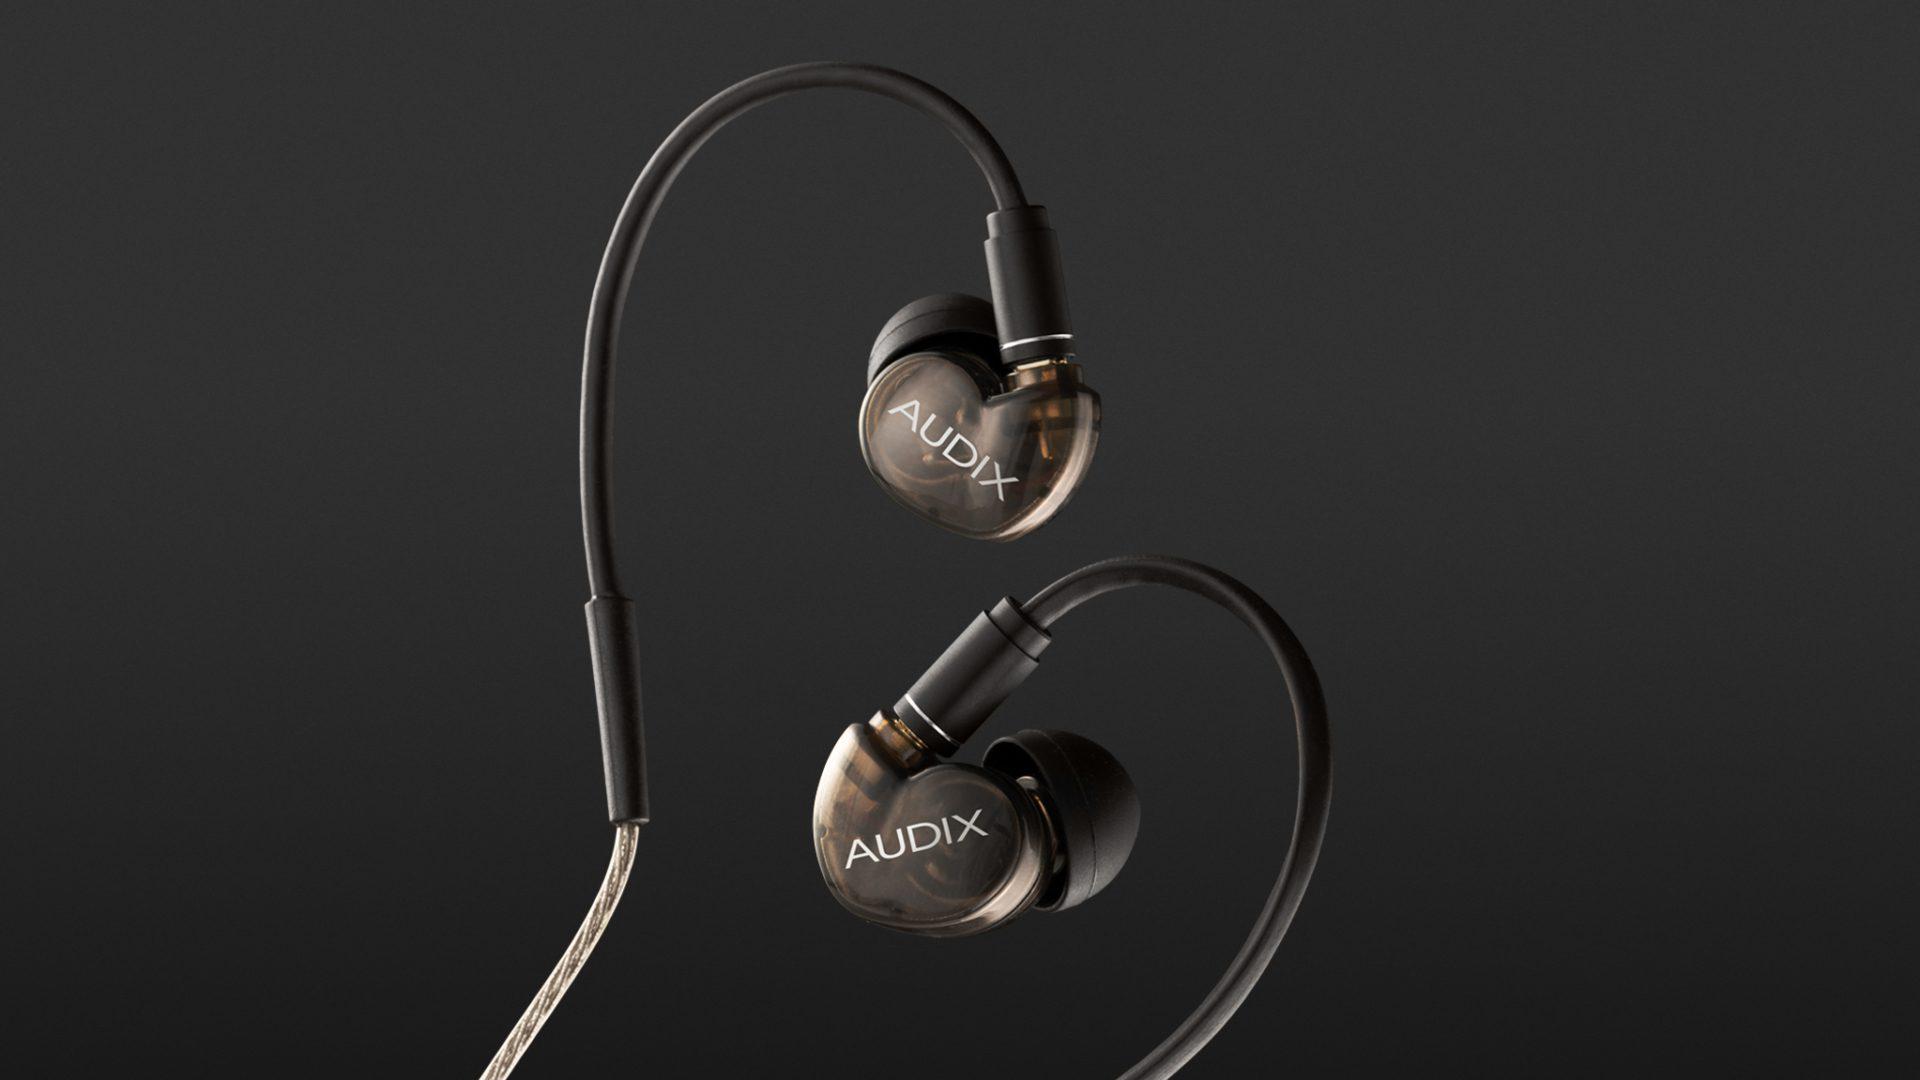 Audix A10X